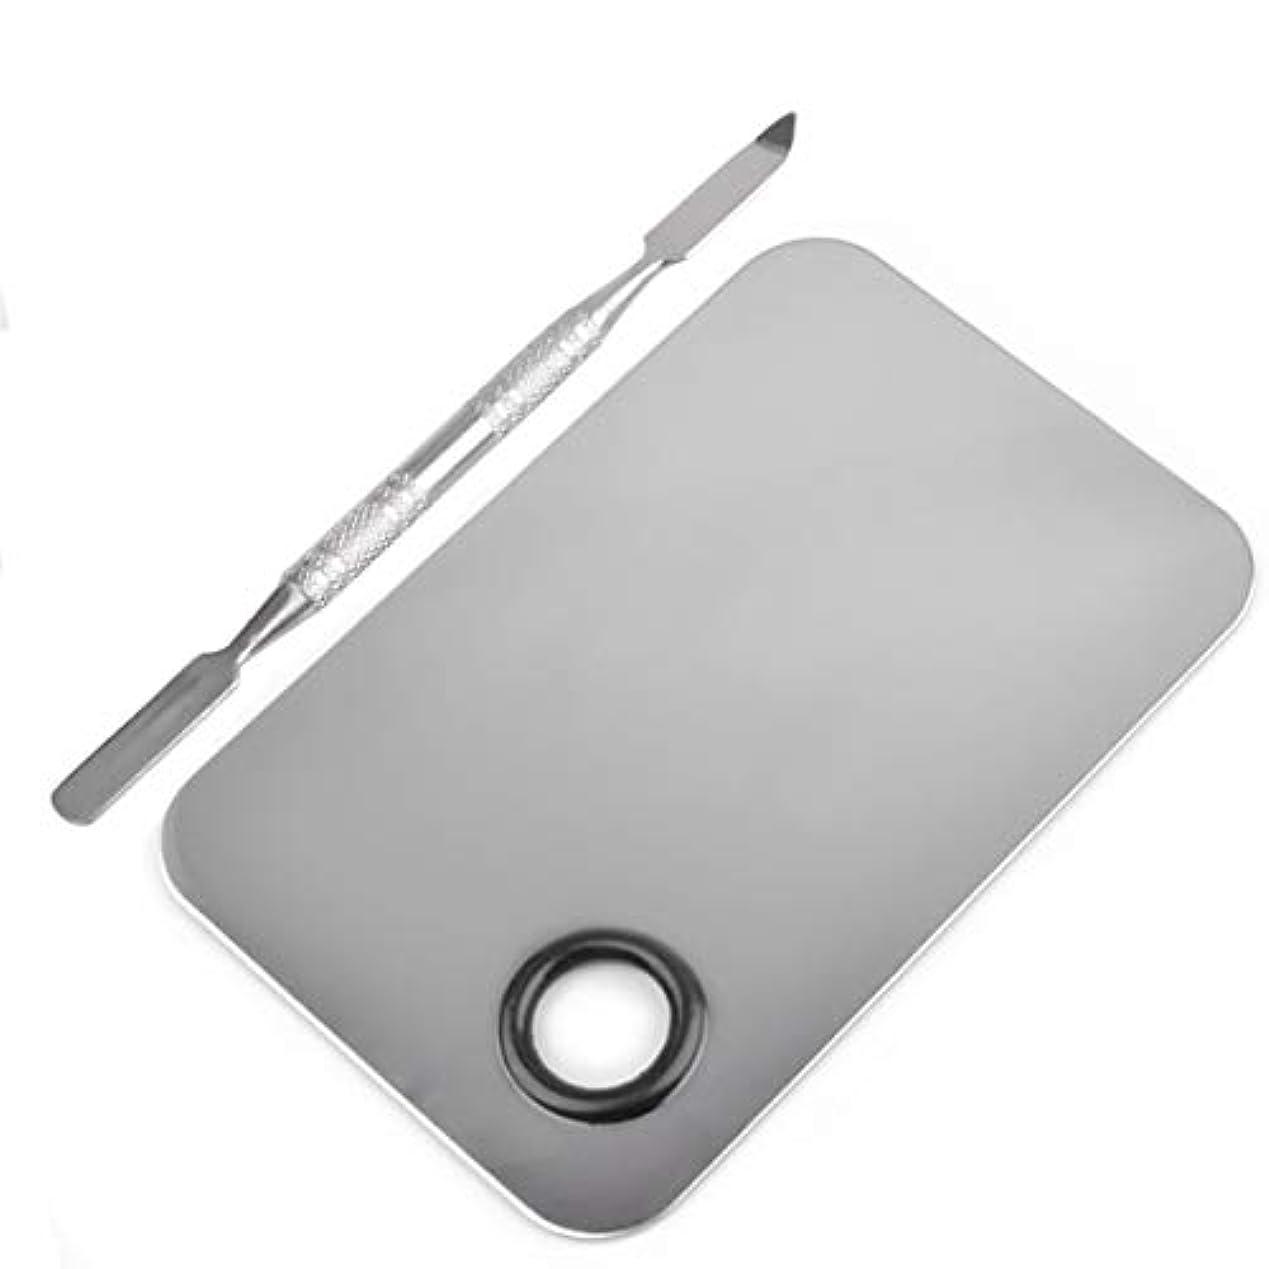 モディッシュ特許半ば長方形の形のステンレス鋼化粧品メイクアップパレットへらツールセットネイルアート機器ツールキット美容ツール(シルバー)